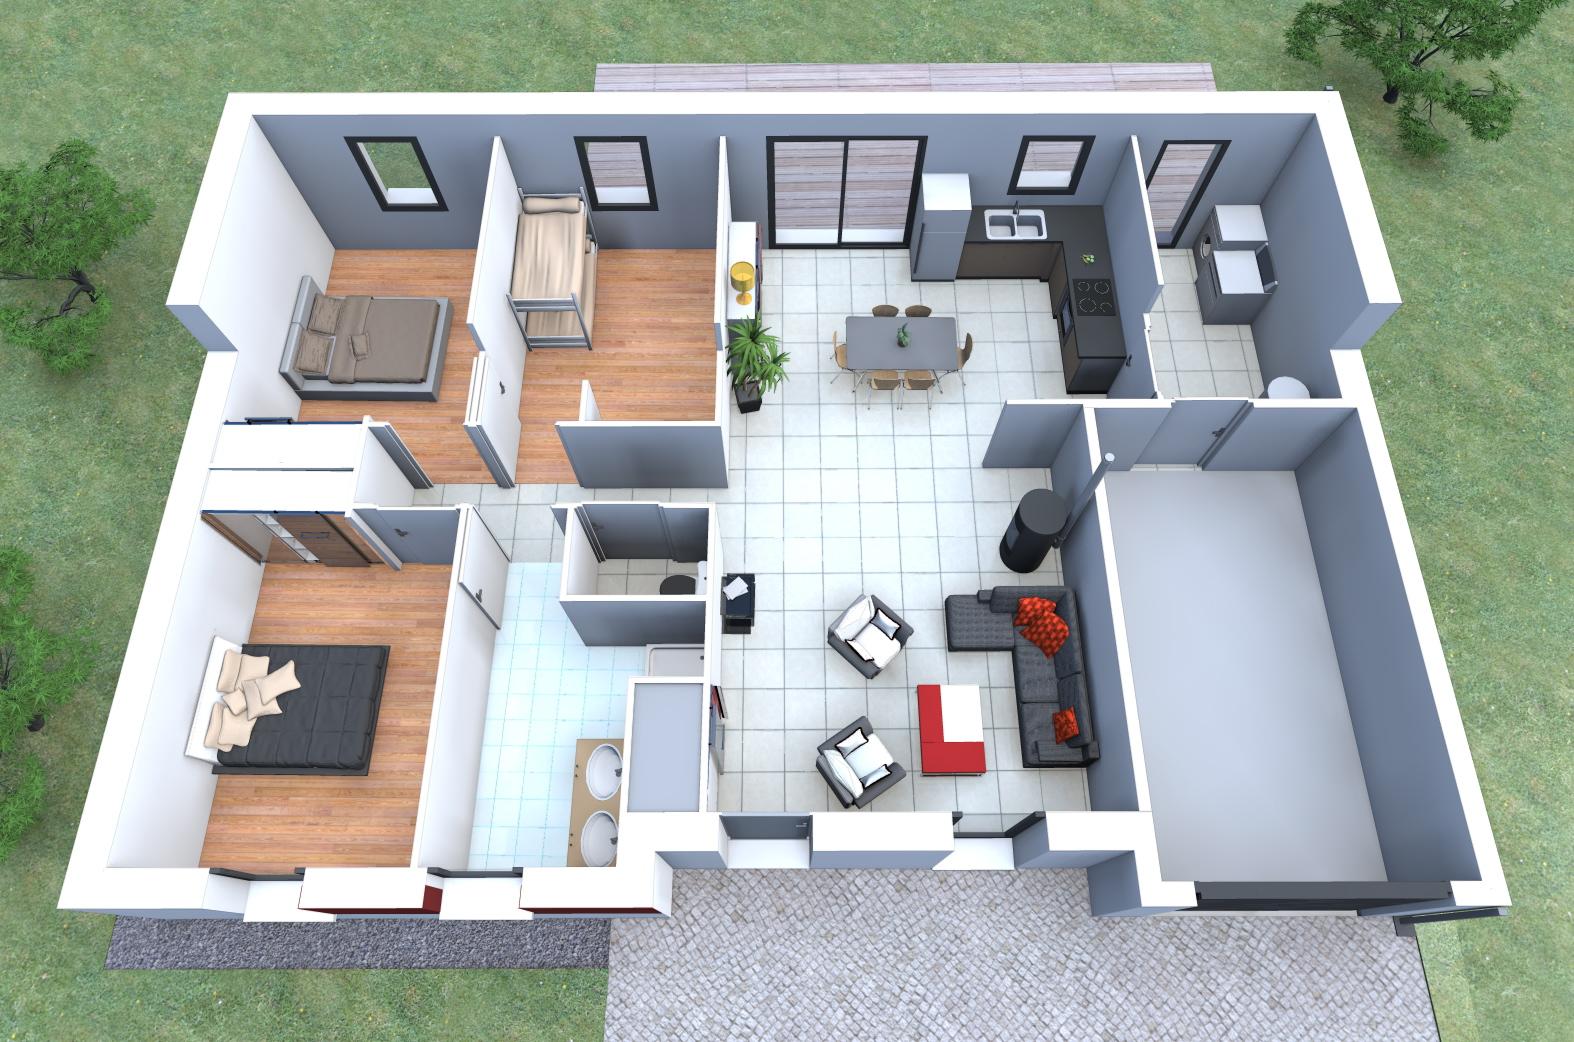 Plan d une maison moderne maison fran ois fabie for Plans de maison construits pour une vue